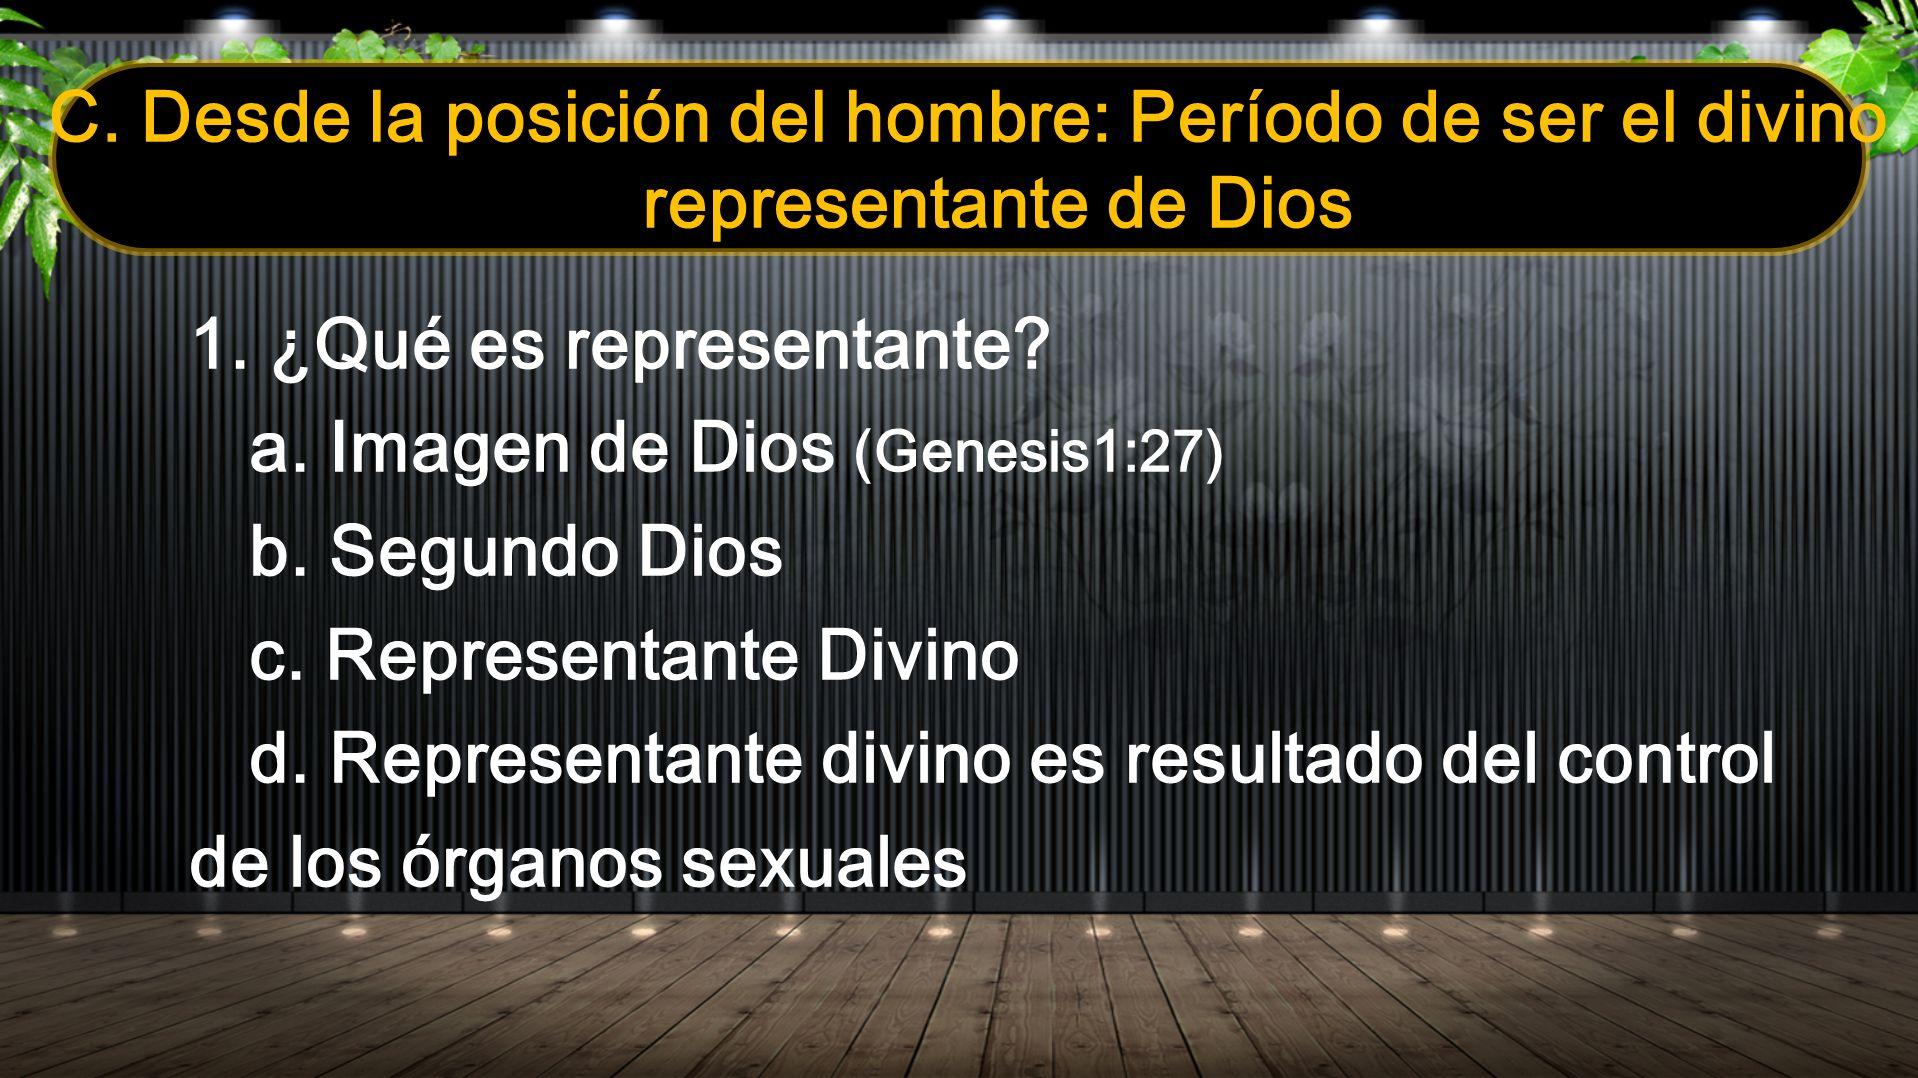 C. Desde la posición del hombre: Período de ser el divino representante de Dios